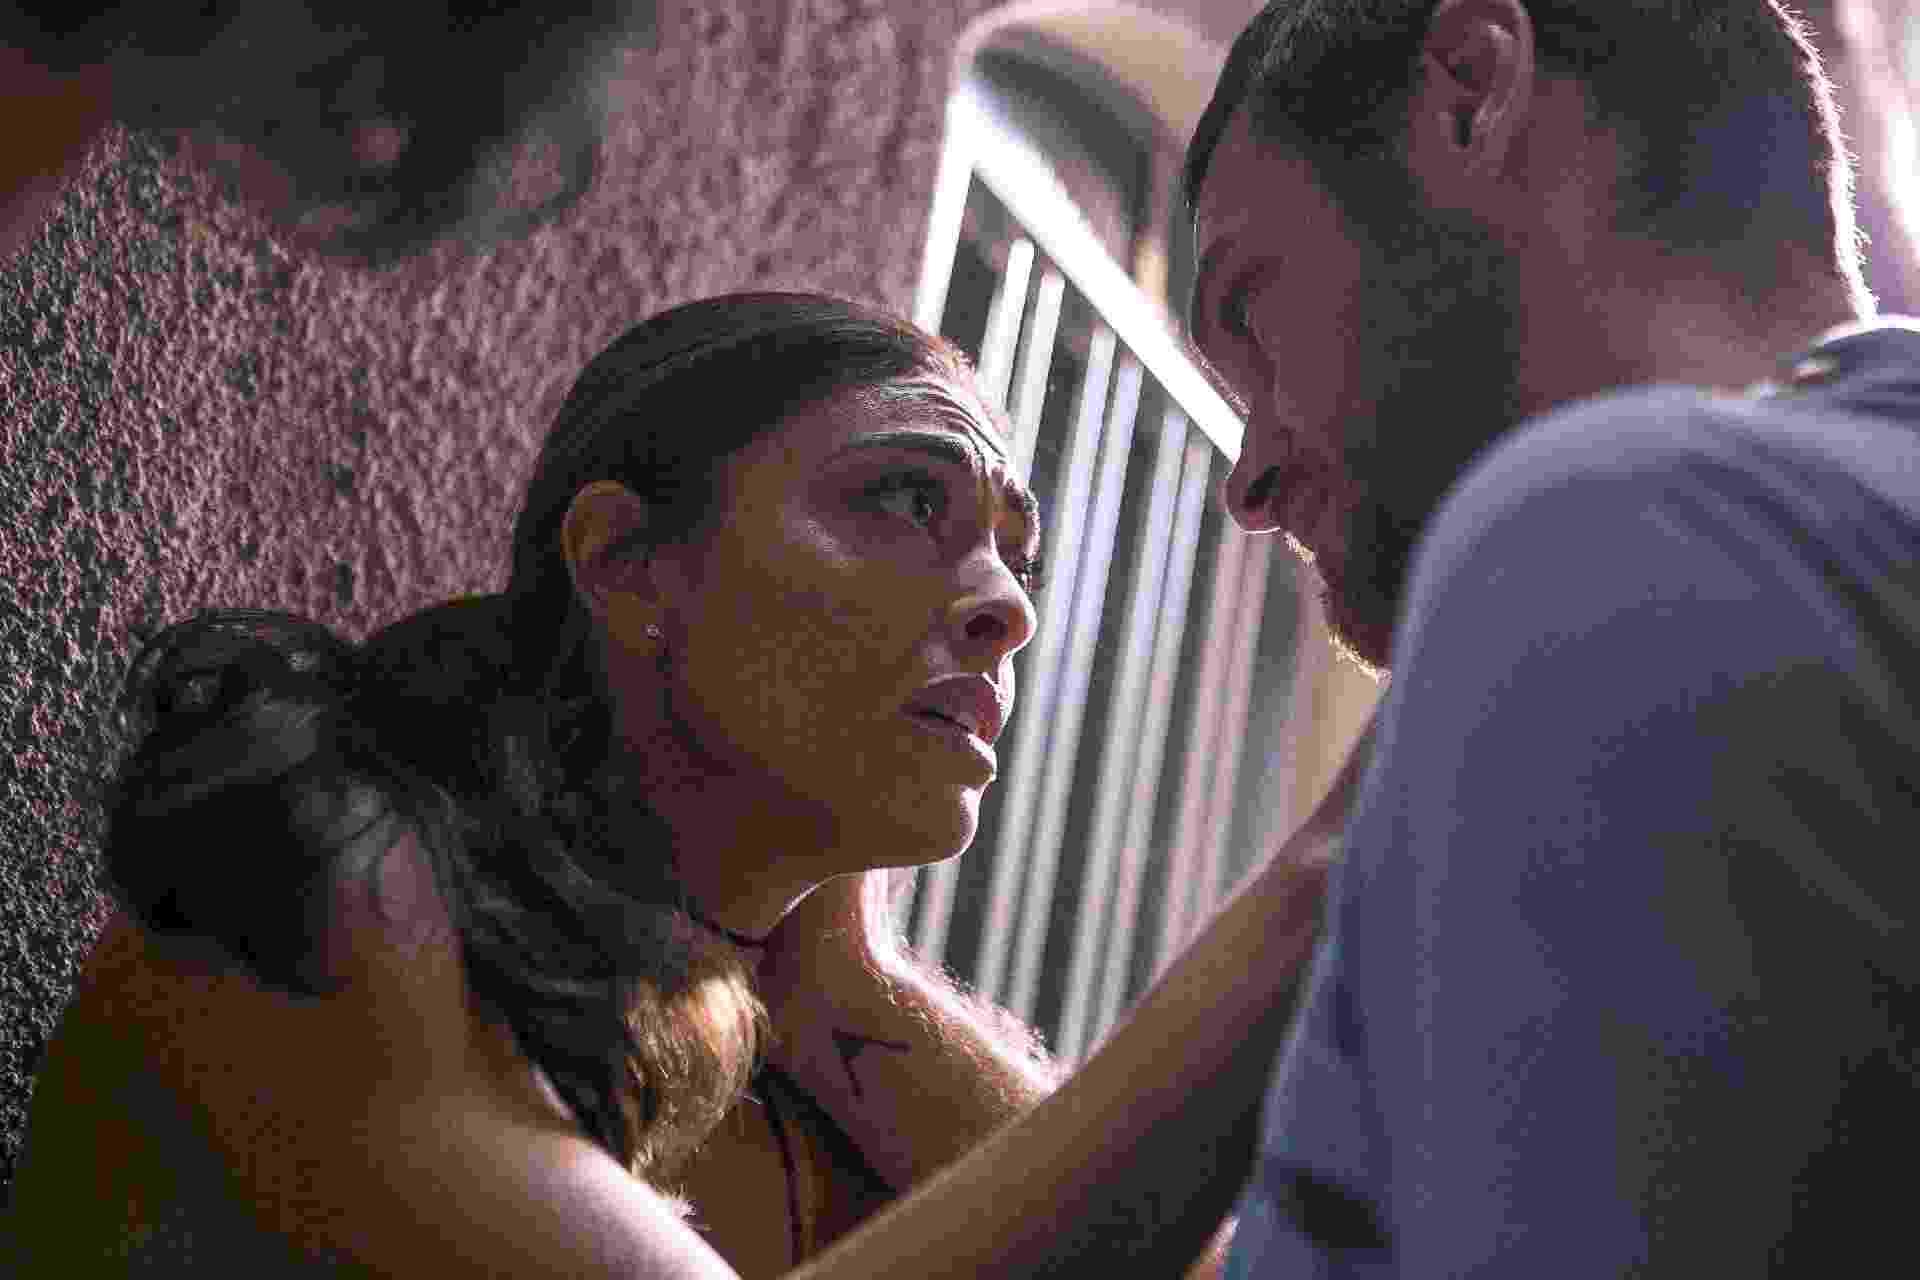 """Bibi (Juliana Paes) ajuda Rubinho (Emilio Dantas) a fugir da prisão em """"A Força do Querer"""" - Raquel Cunha/TV Globo"""